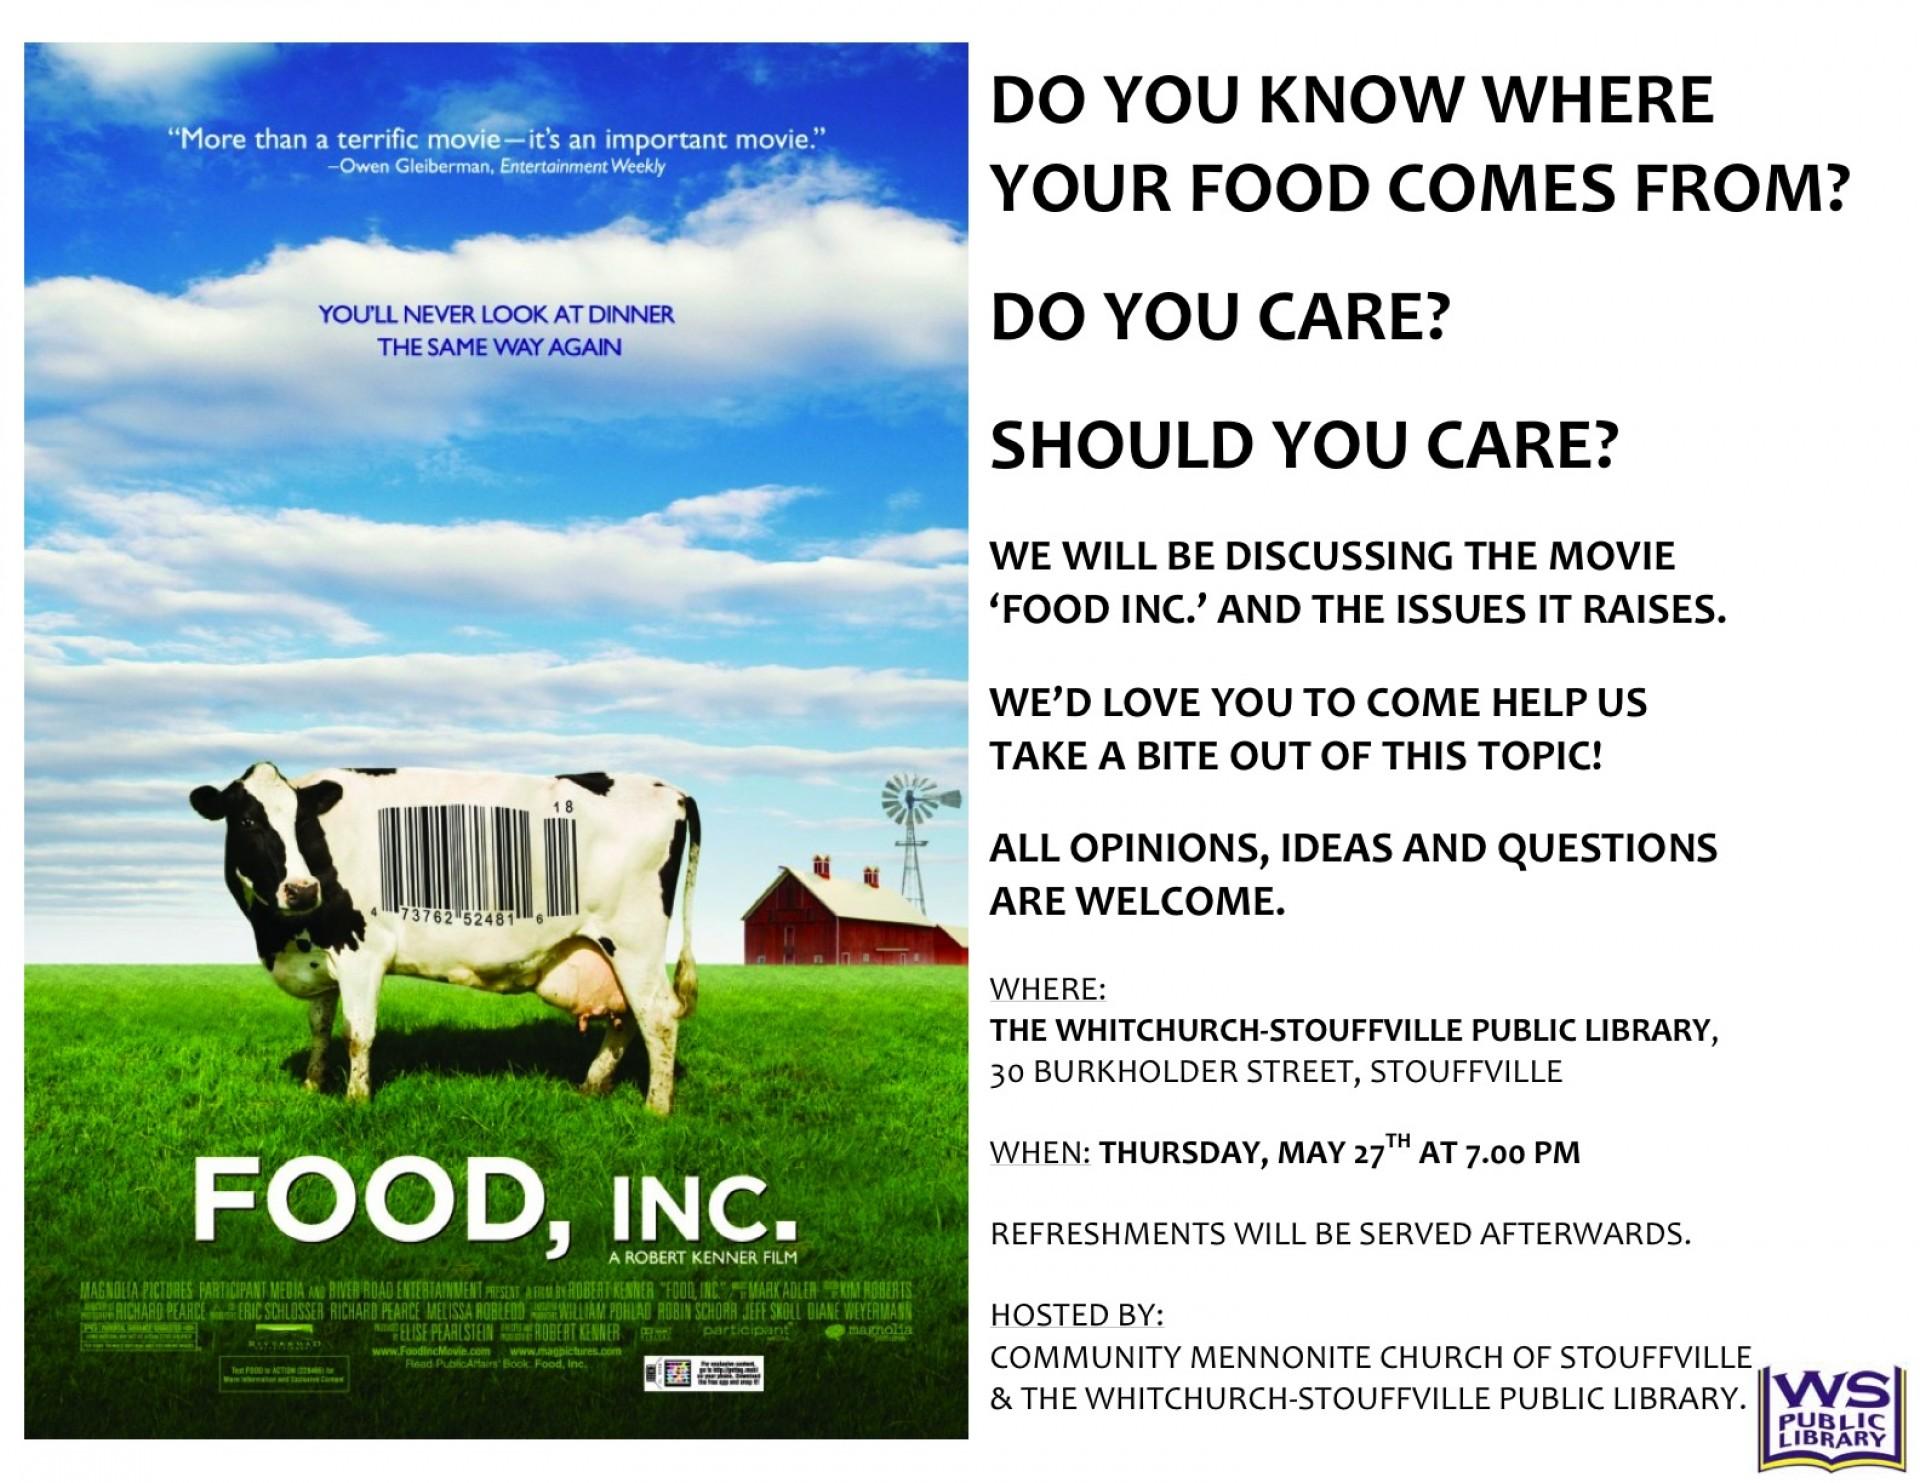 006 Food20inc 20poster20iii Food Inc Essay Top Questions Topics Pdf 1920